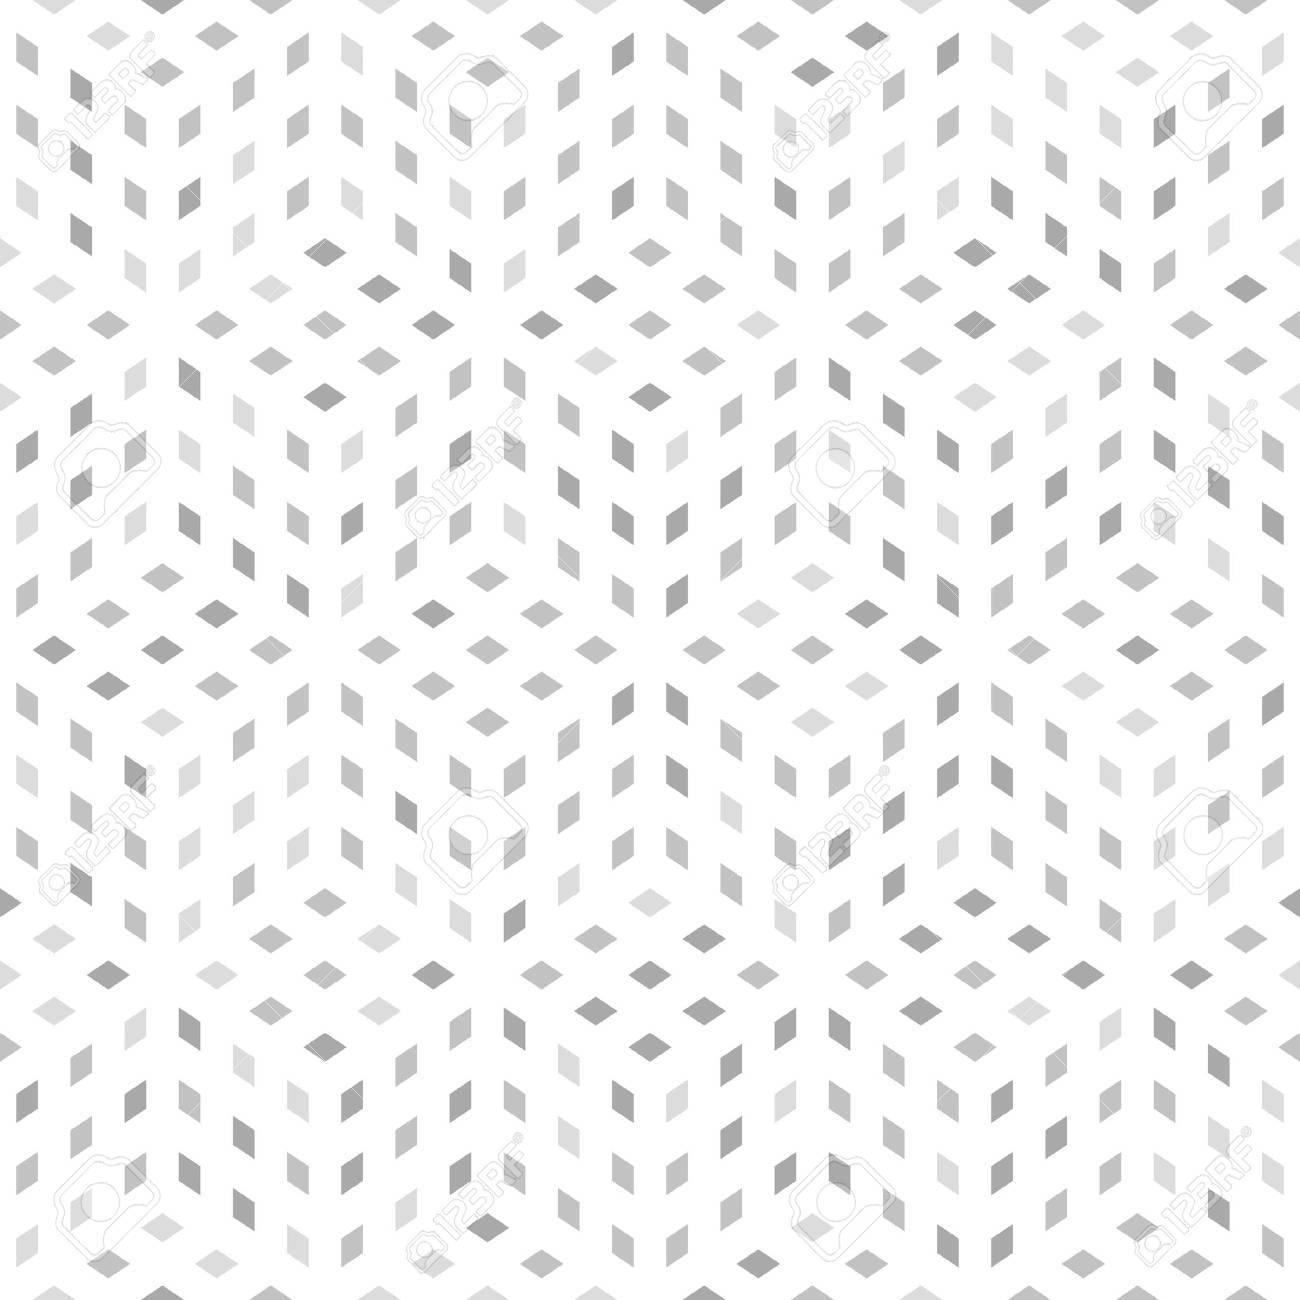 Geometric Seamless Pattern - 68550321